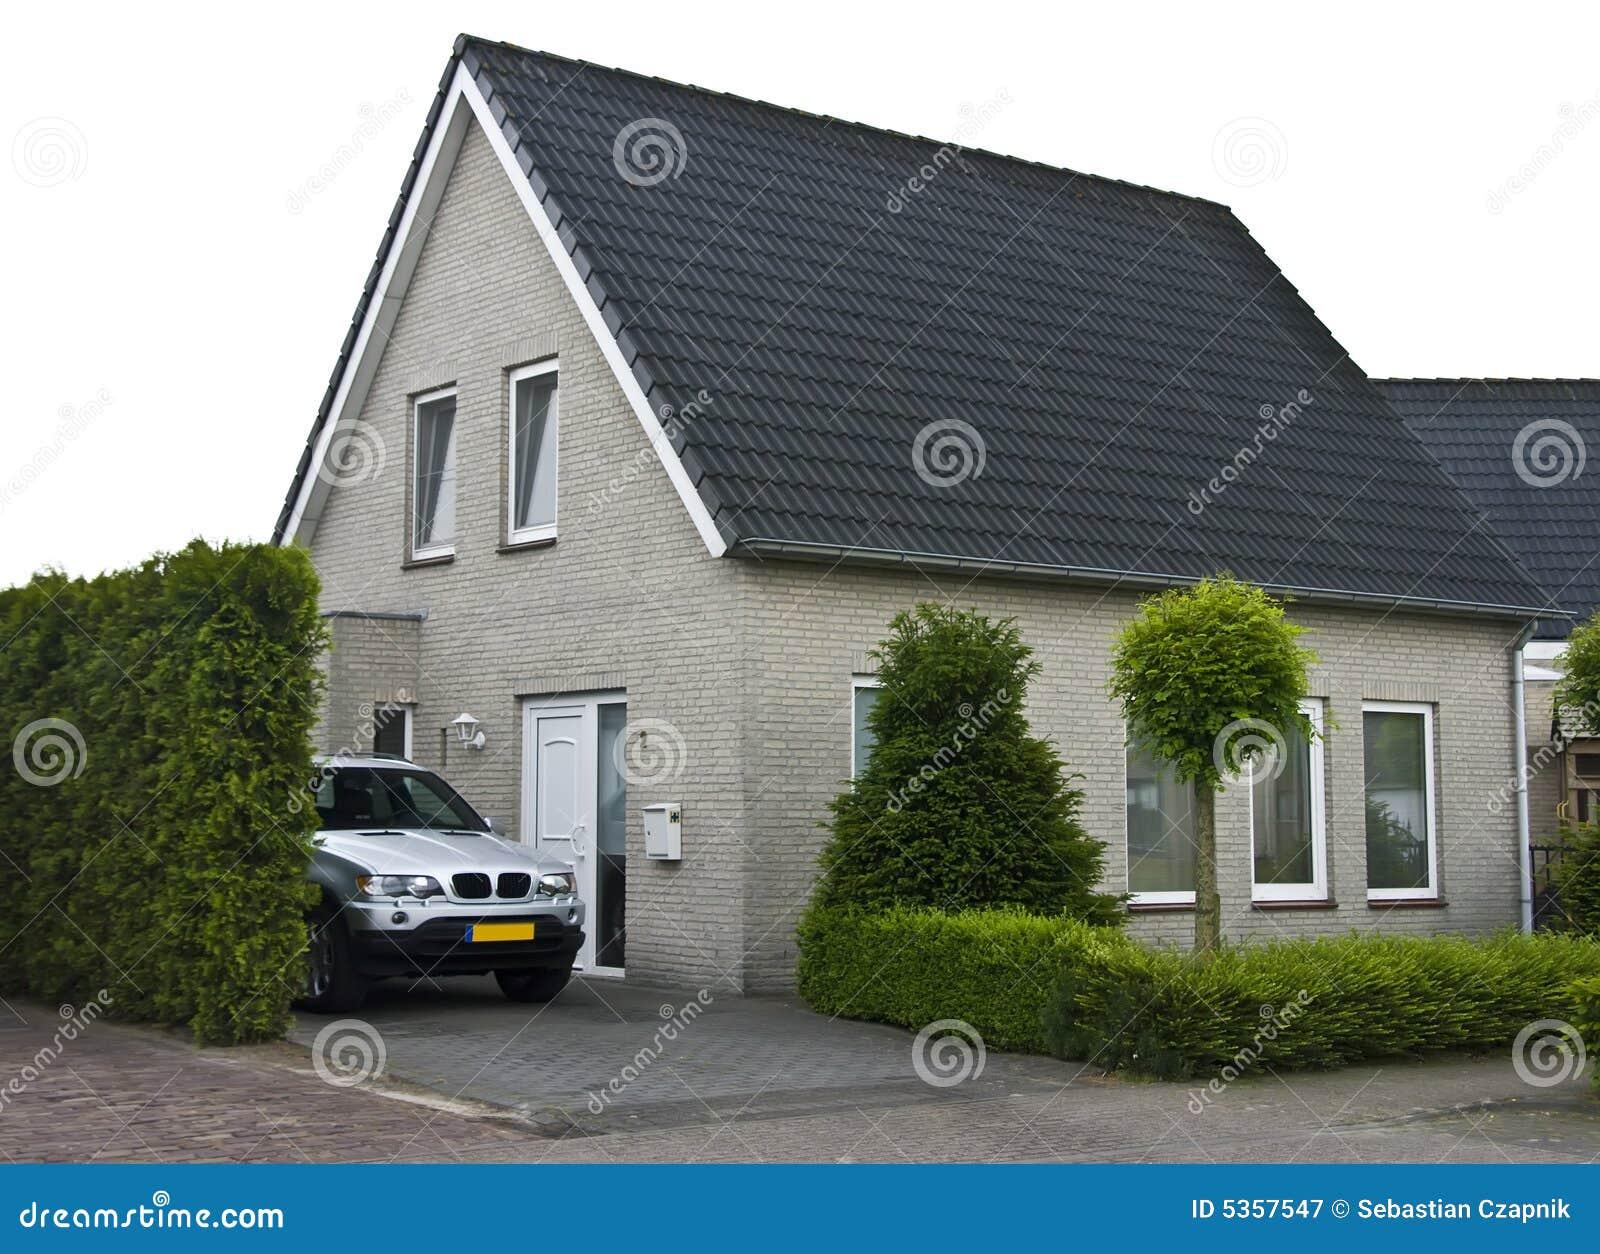 modernes haus und garten lizenzfreie stockfotografie - bild: 5357547, Garten und erstellen